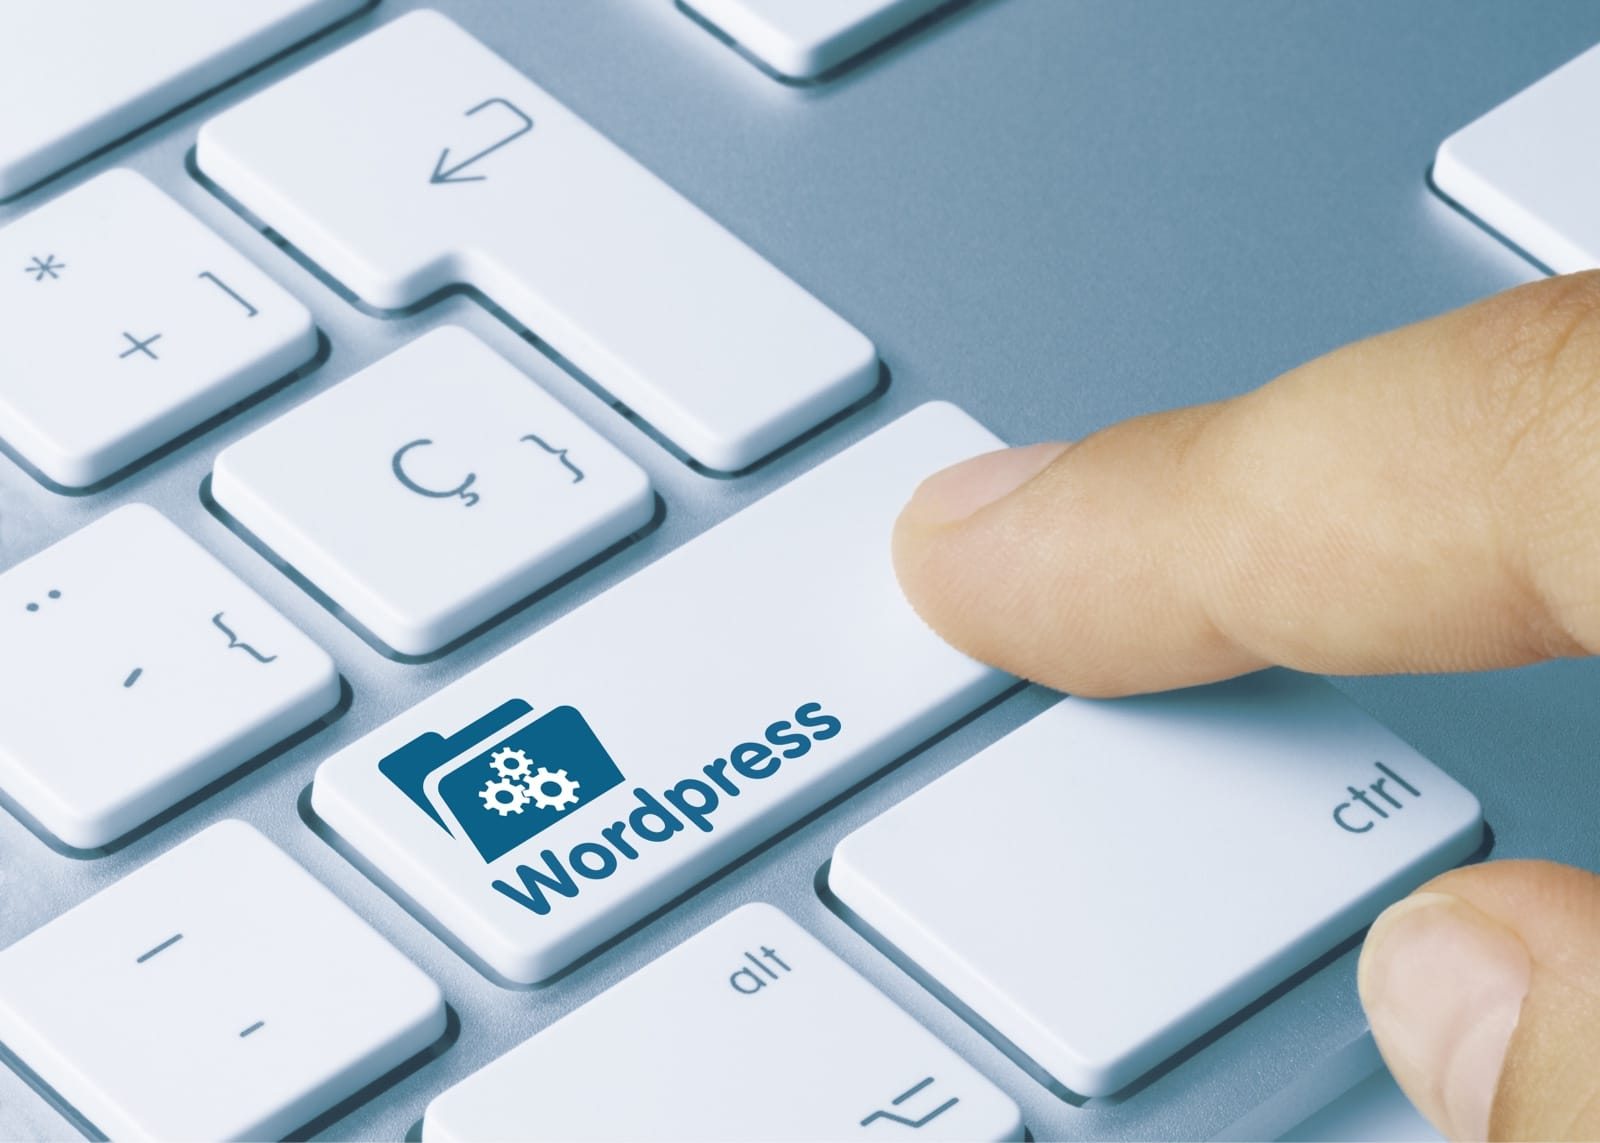 Wordpressのキーを押す様子